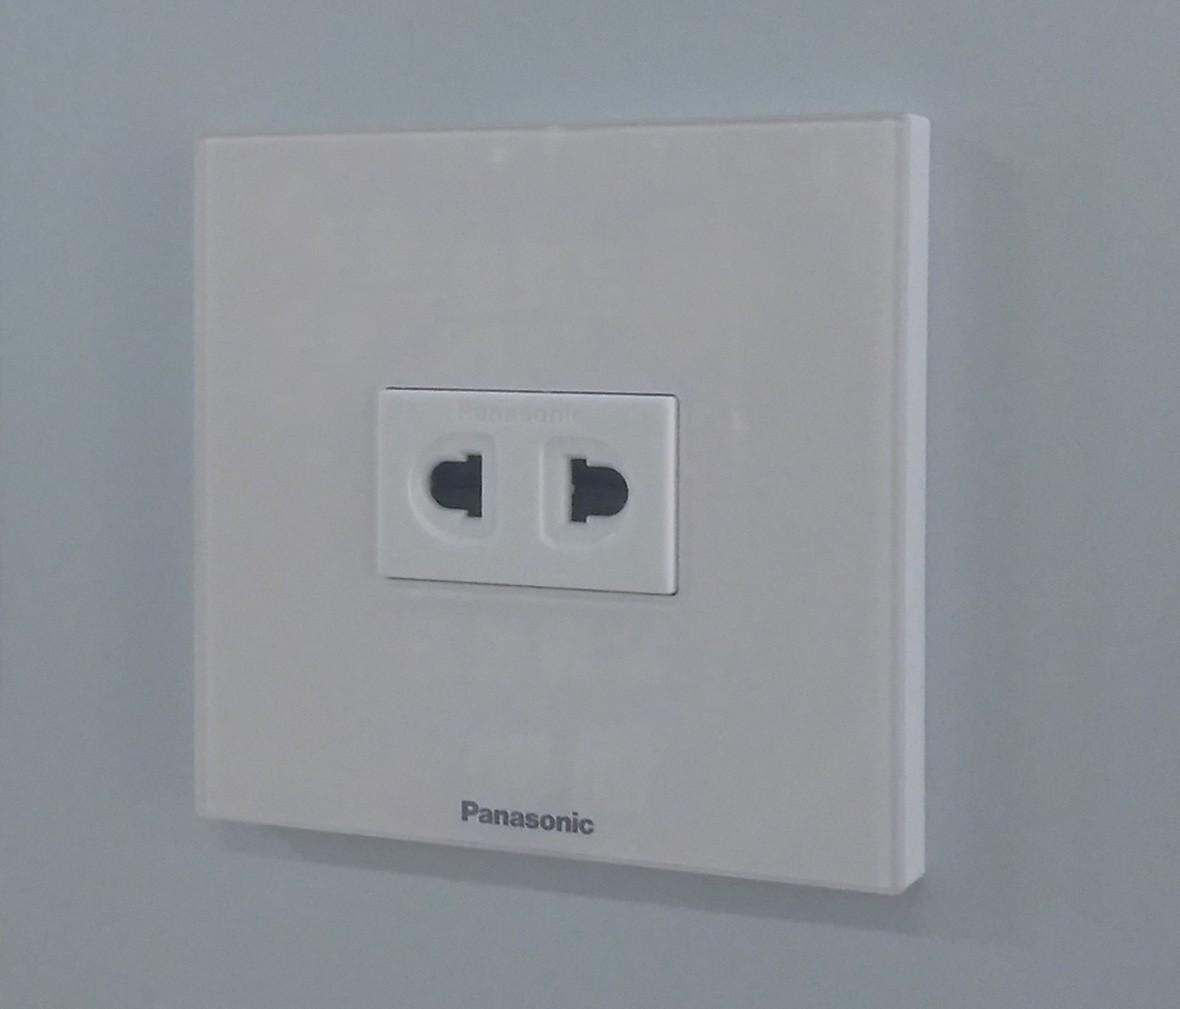 松下灯饰 新姿彩系列 双孔珍珠白插座 耐高温 防漏电 PC材质 实拍